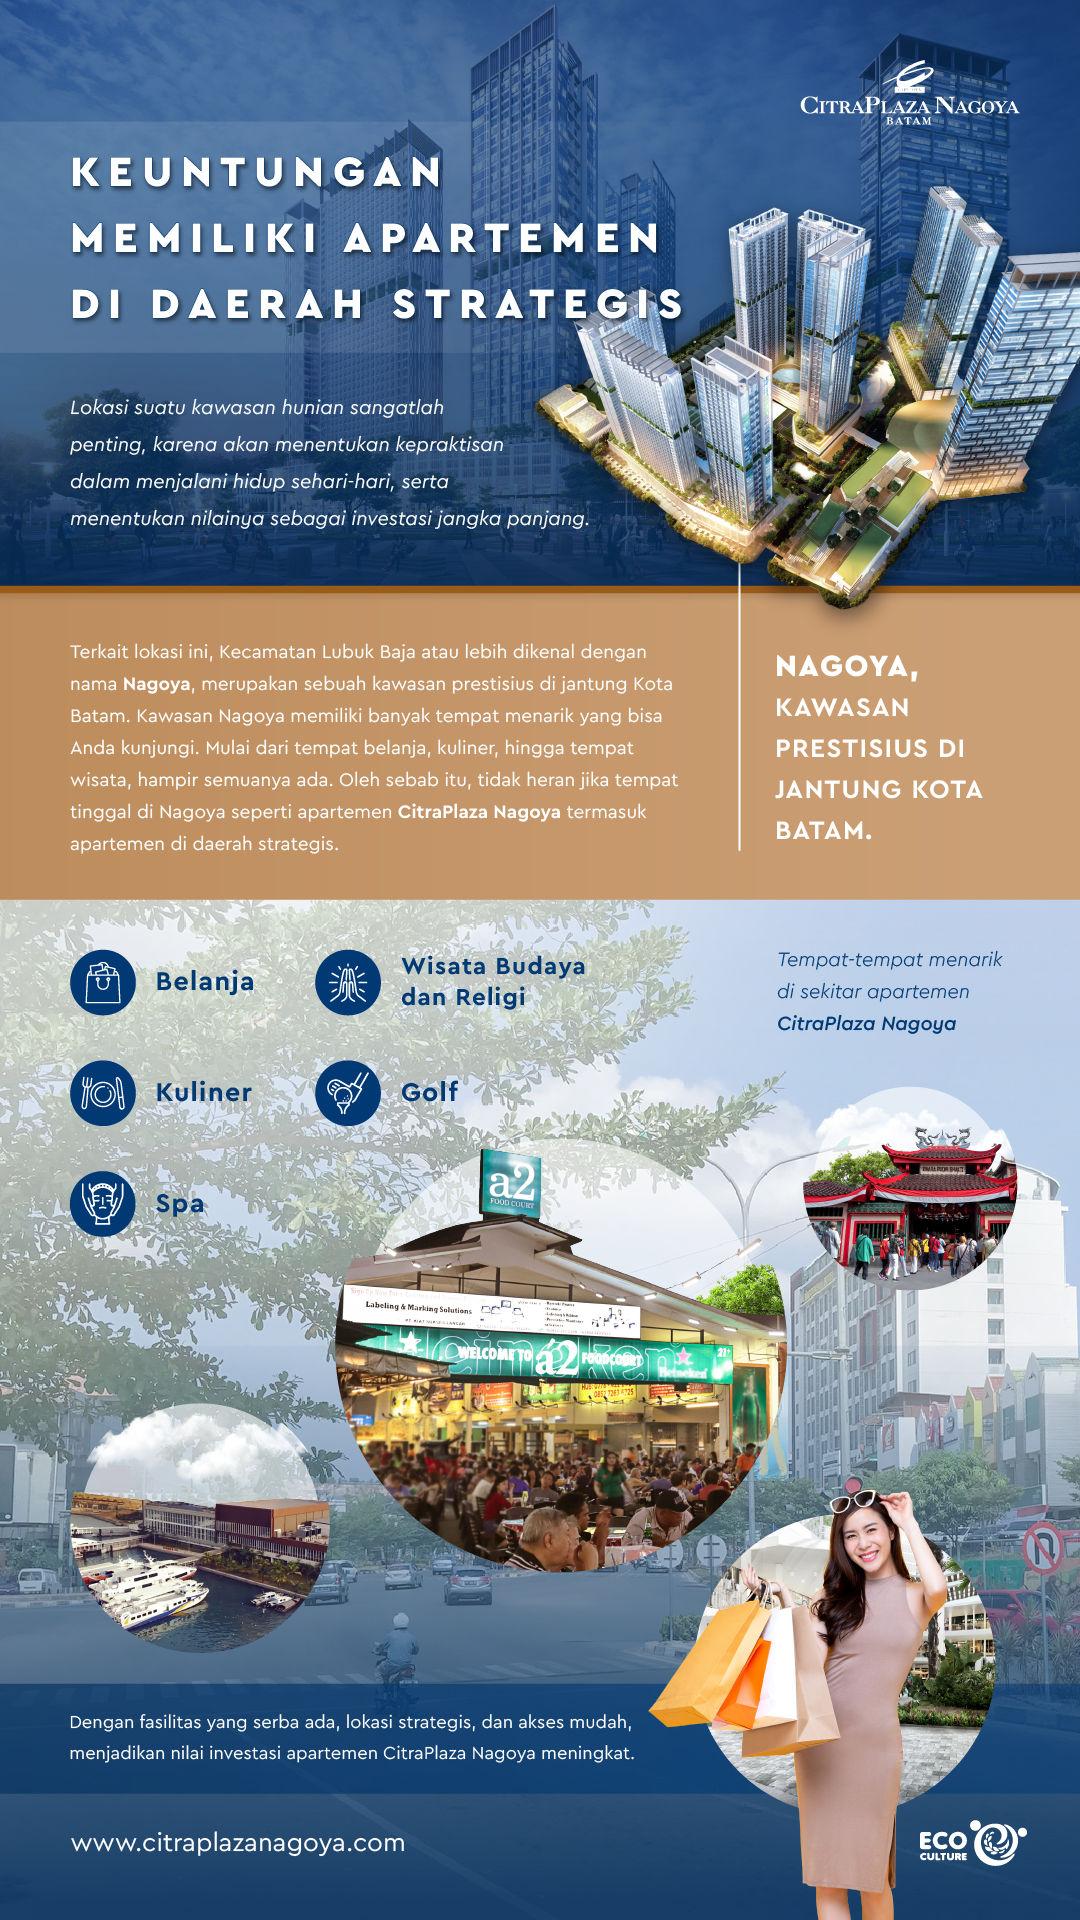 Keuntungan Memiliki Apartemen di Daerah Strategis (Infografis) - CitraPlaza Nagoya